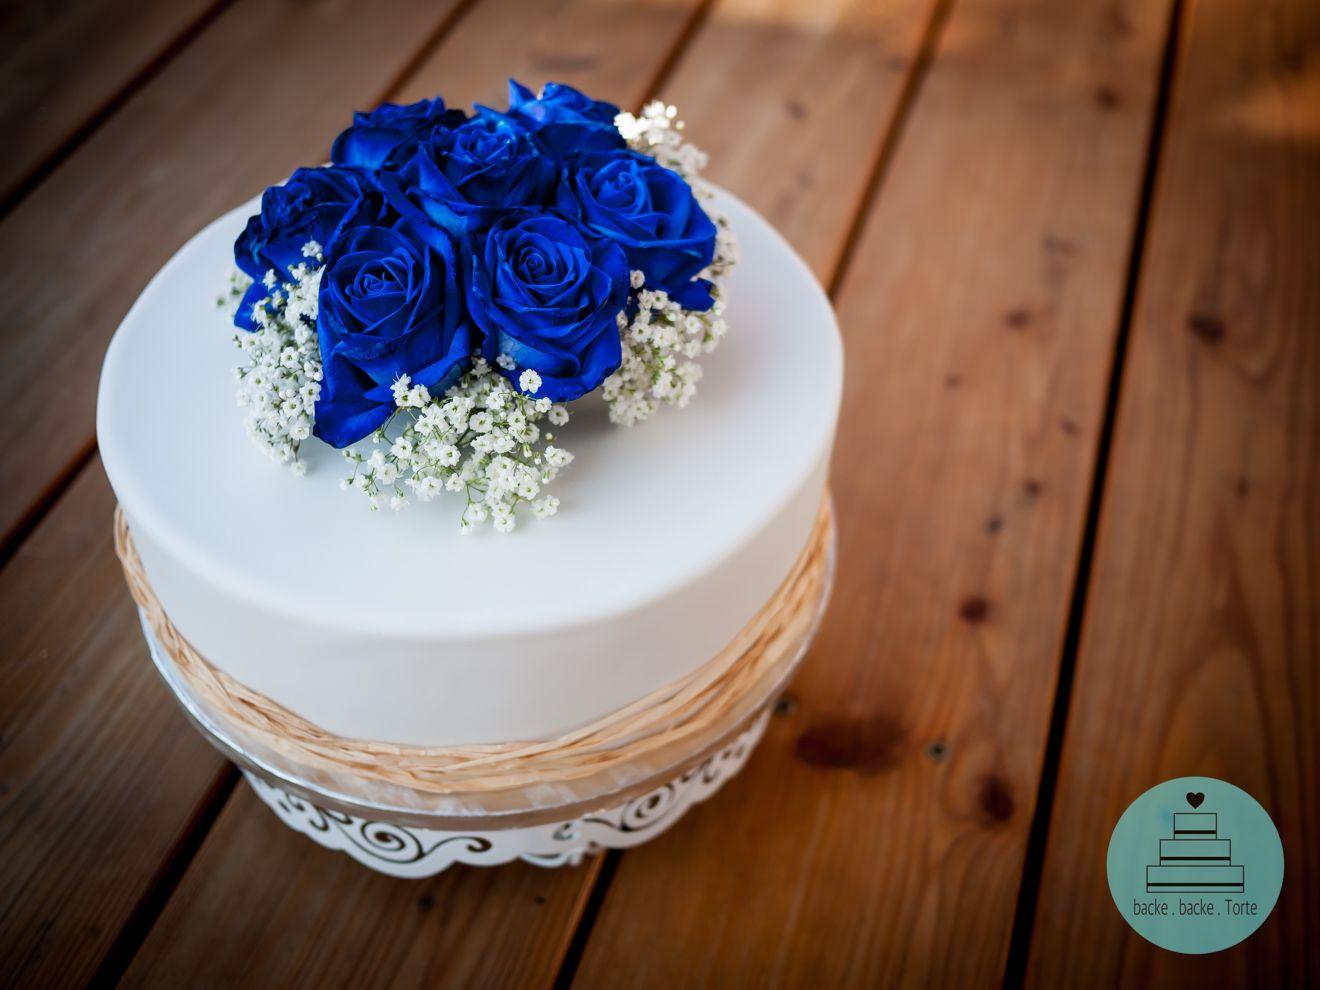 Hochzeitstorte Motivtorte Zu Hochzeit Standesamt Rosen Blau